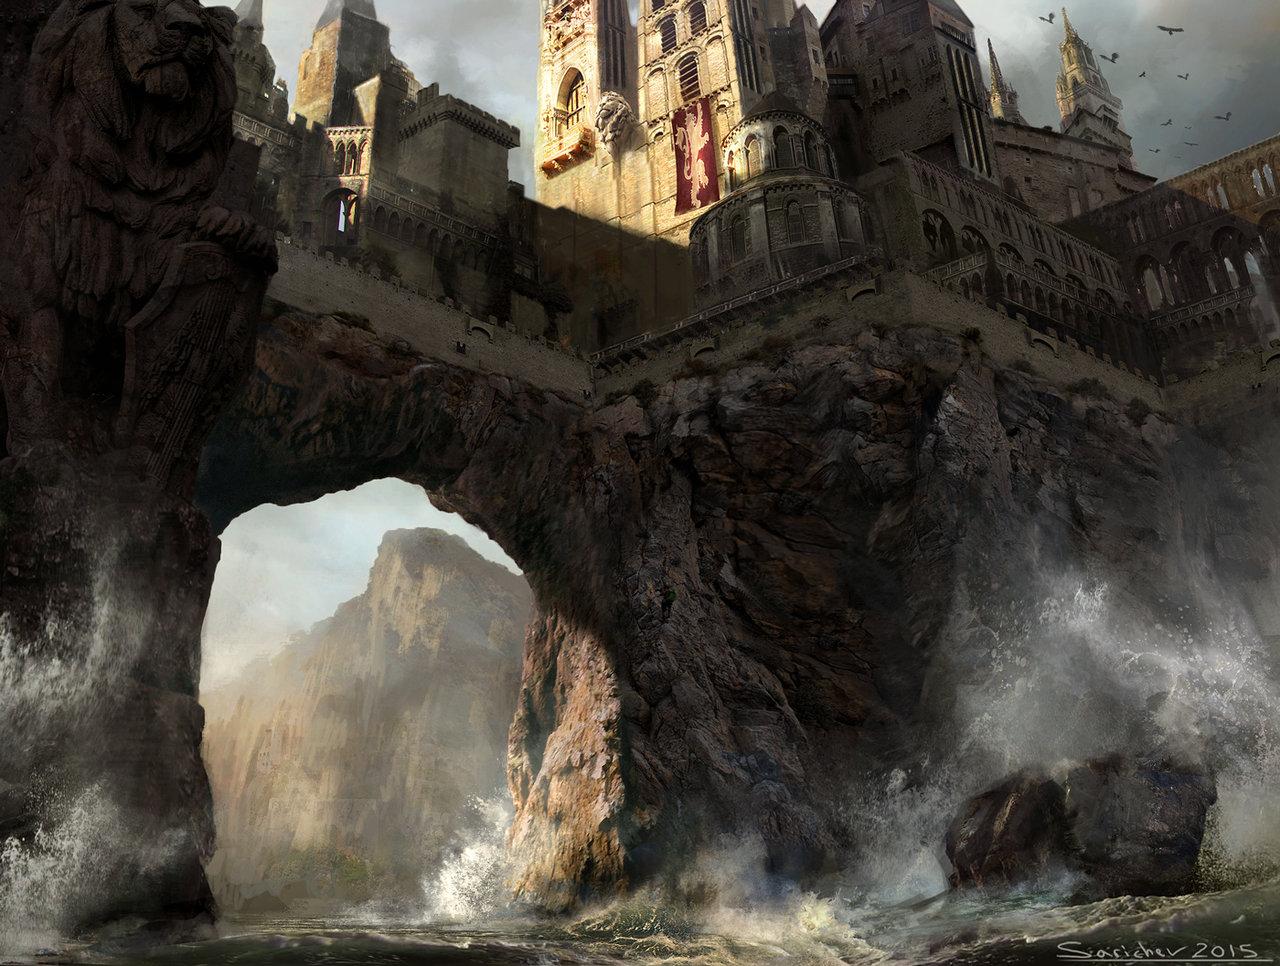 Casterly Rock